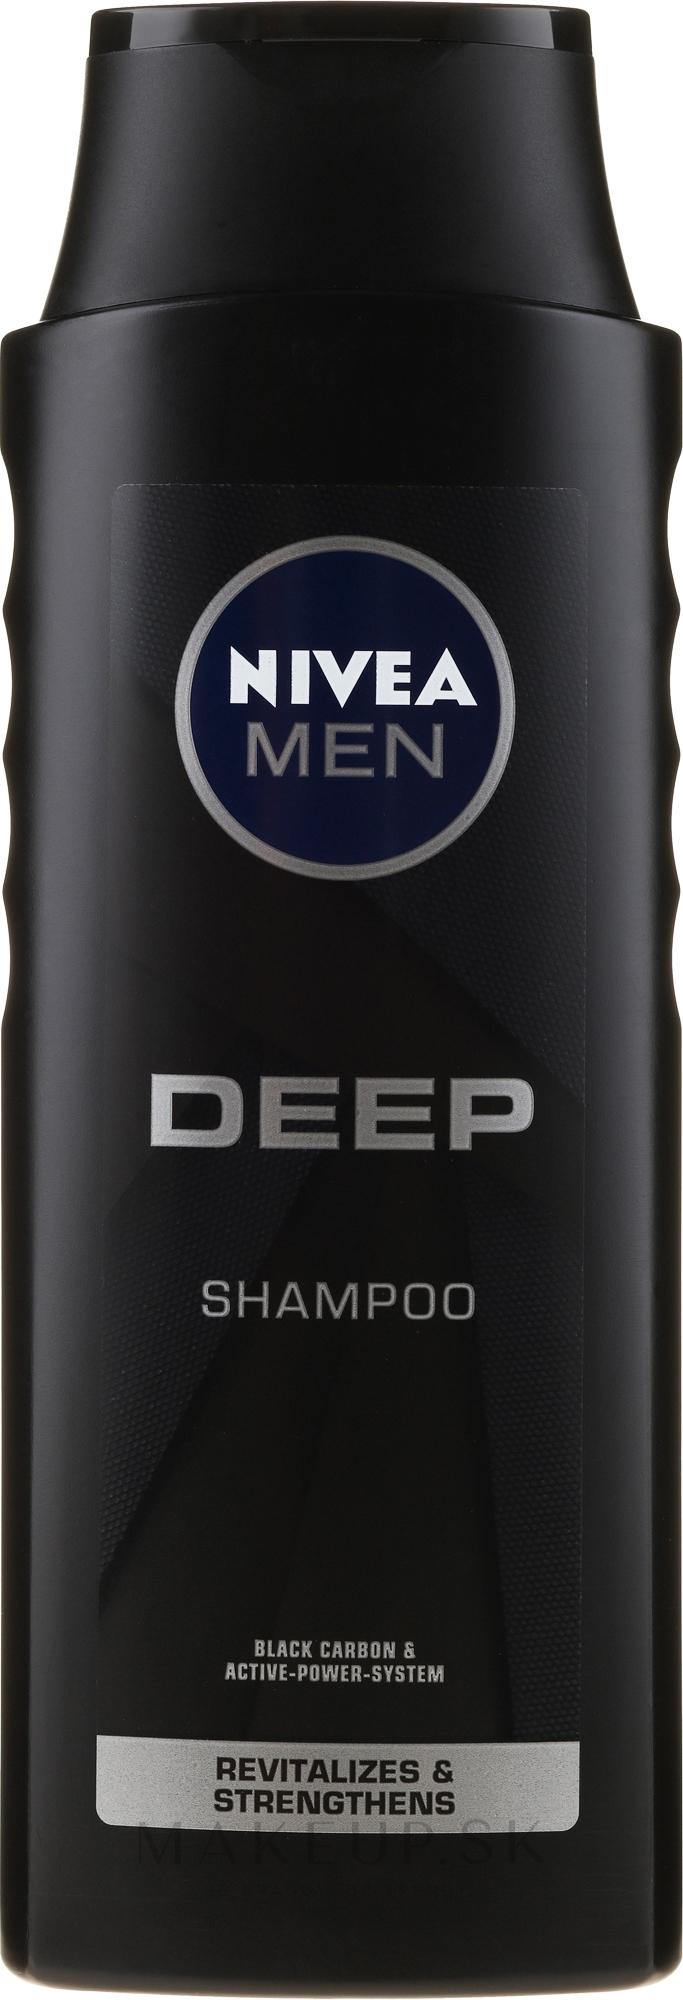 Revitalizačný šampón pre mužov - Nivea Men Deep Revitalizing Shampoo — Obrázky 400 ml